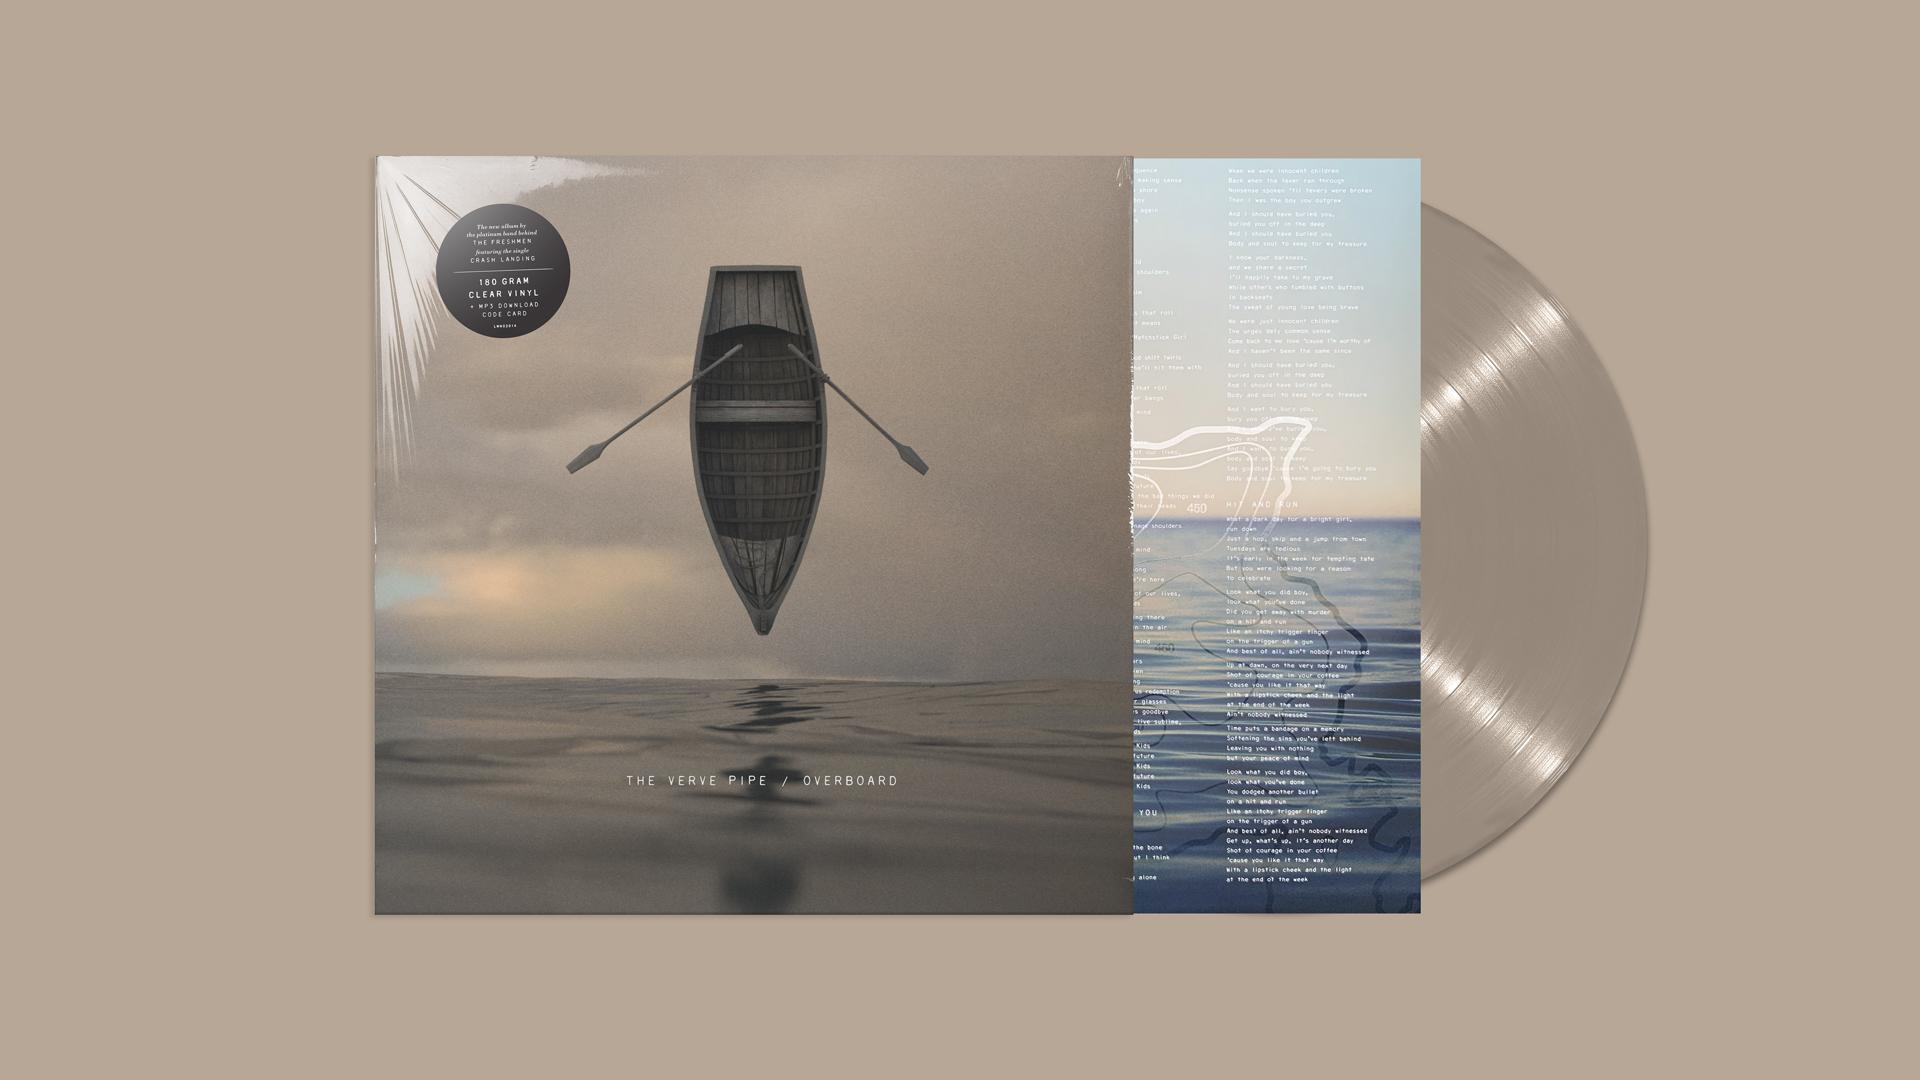 TVP_Overboard_vinyl_1920x1080_01_0000_Co